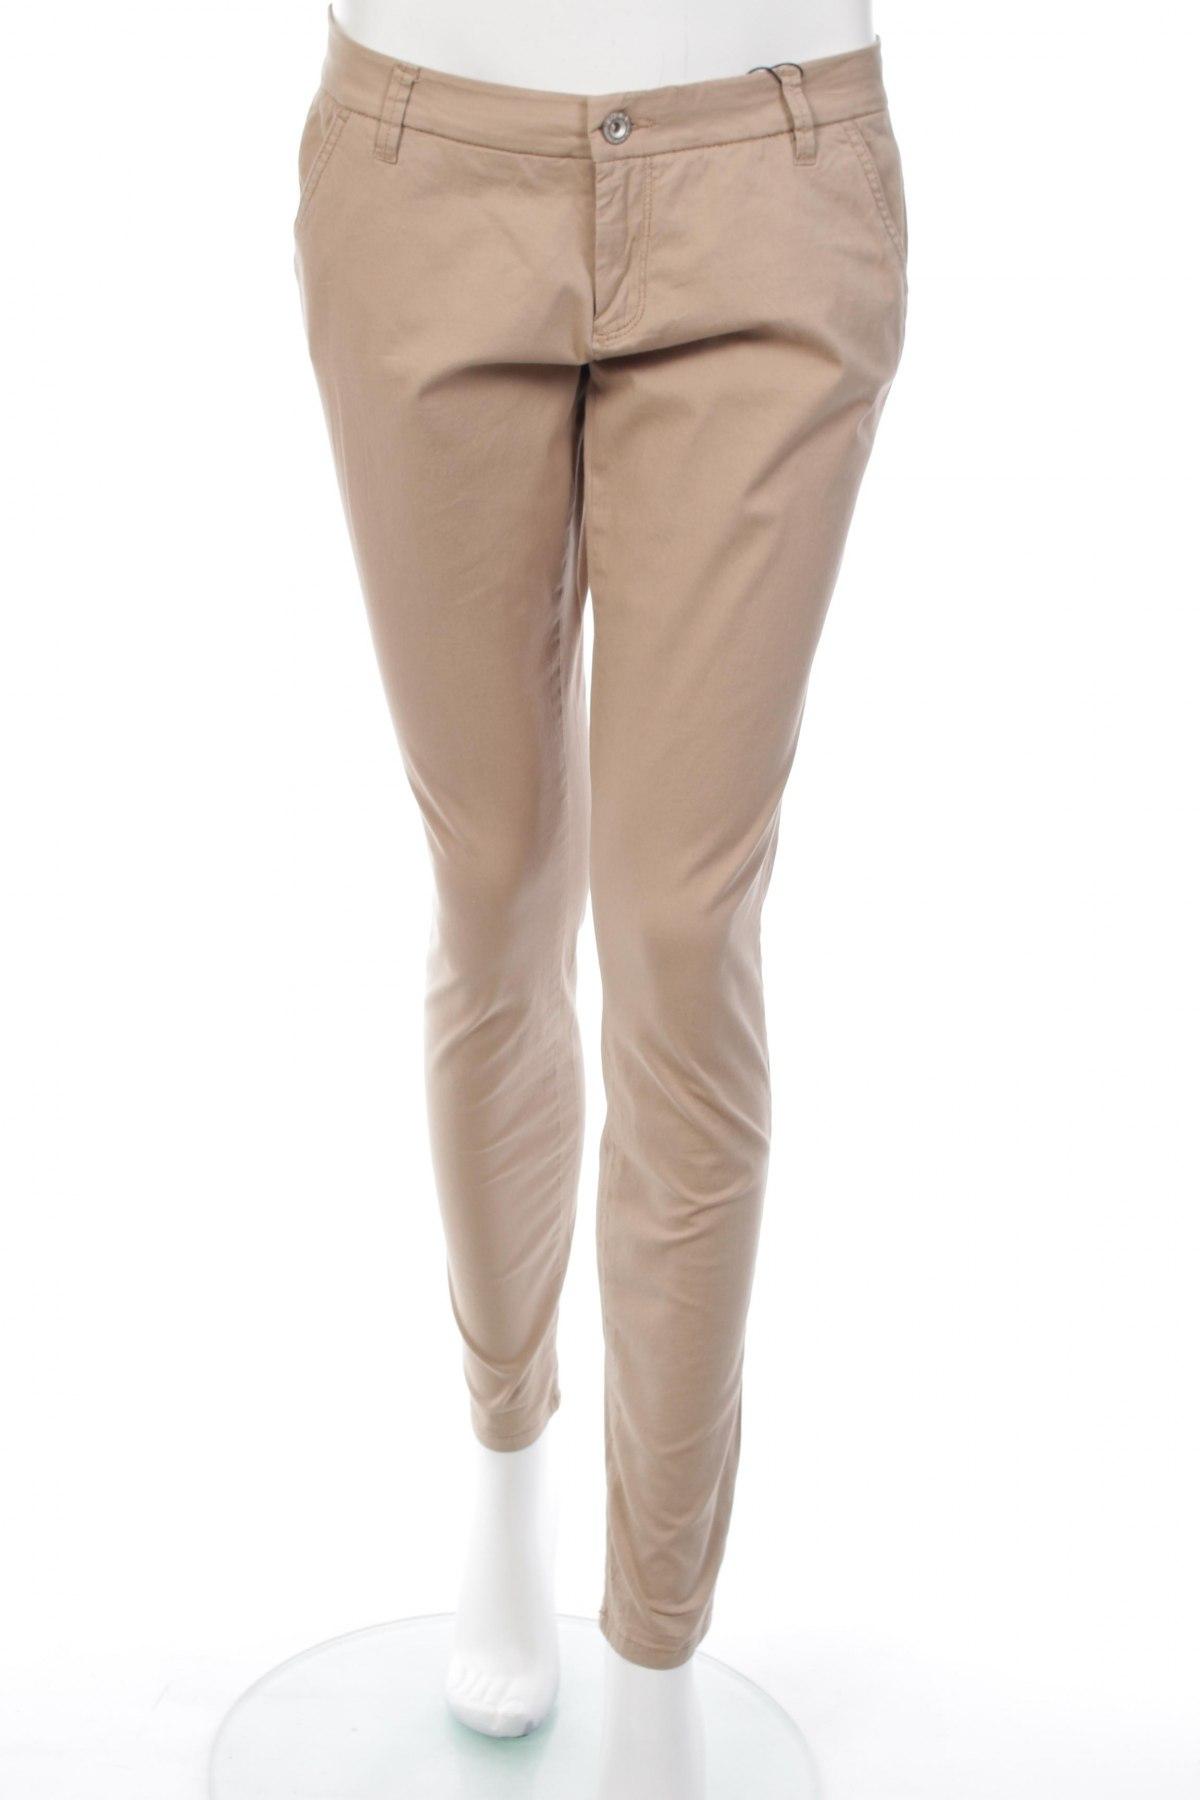 c2cf461da2a9 Dámske nohavice Only - za výhodnú cenu na Remix -  8604015